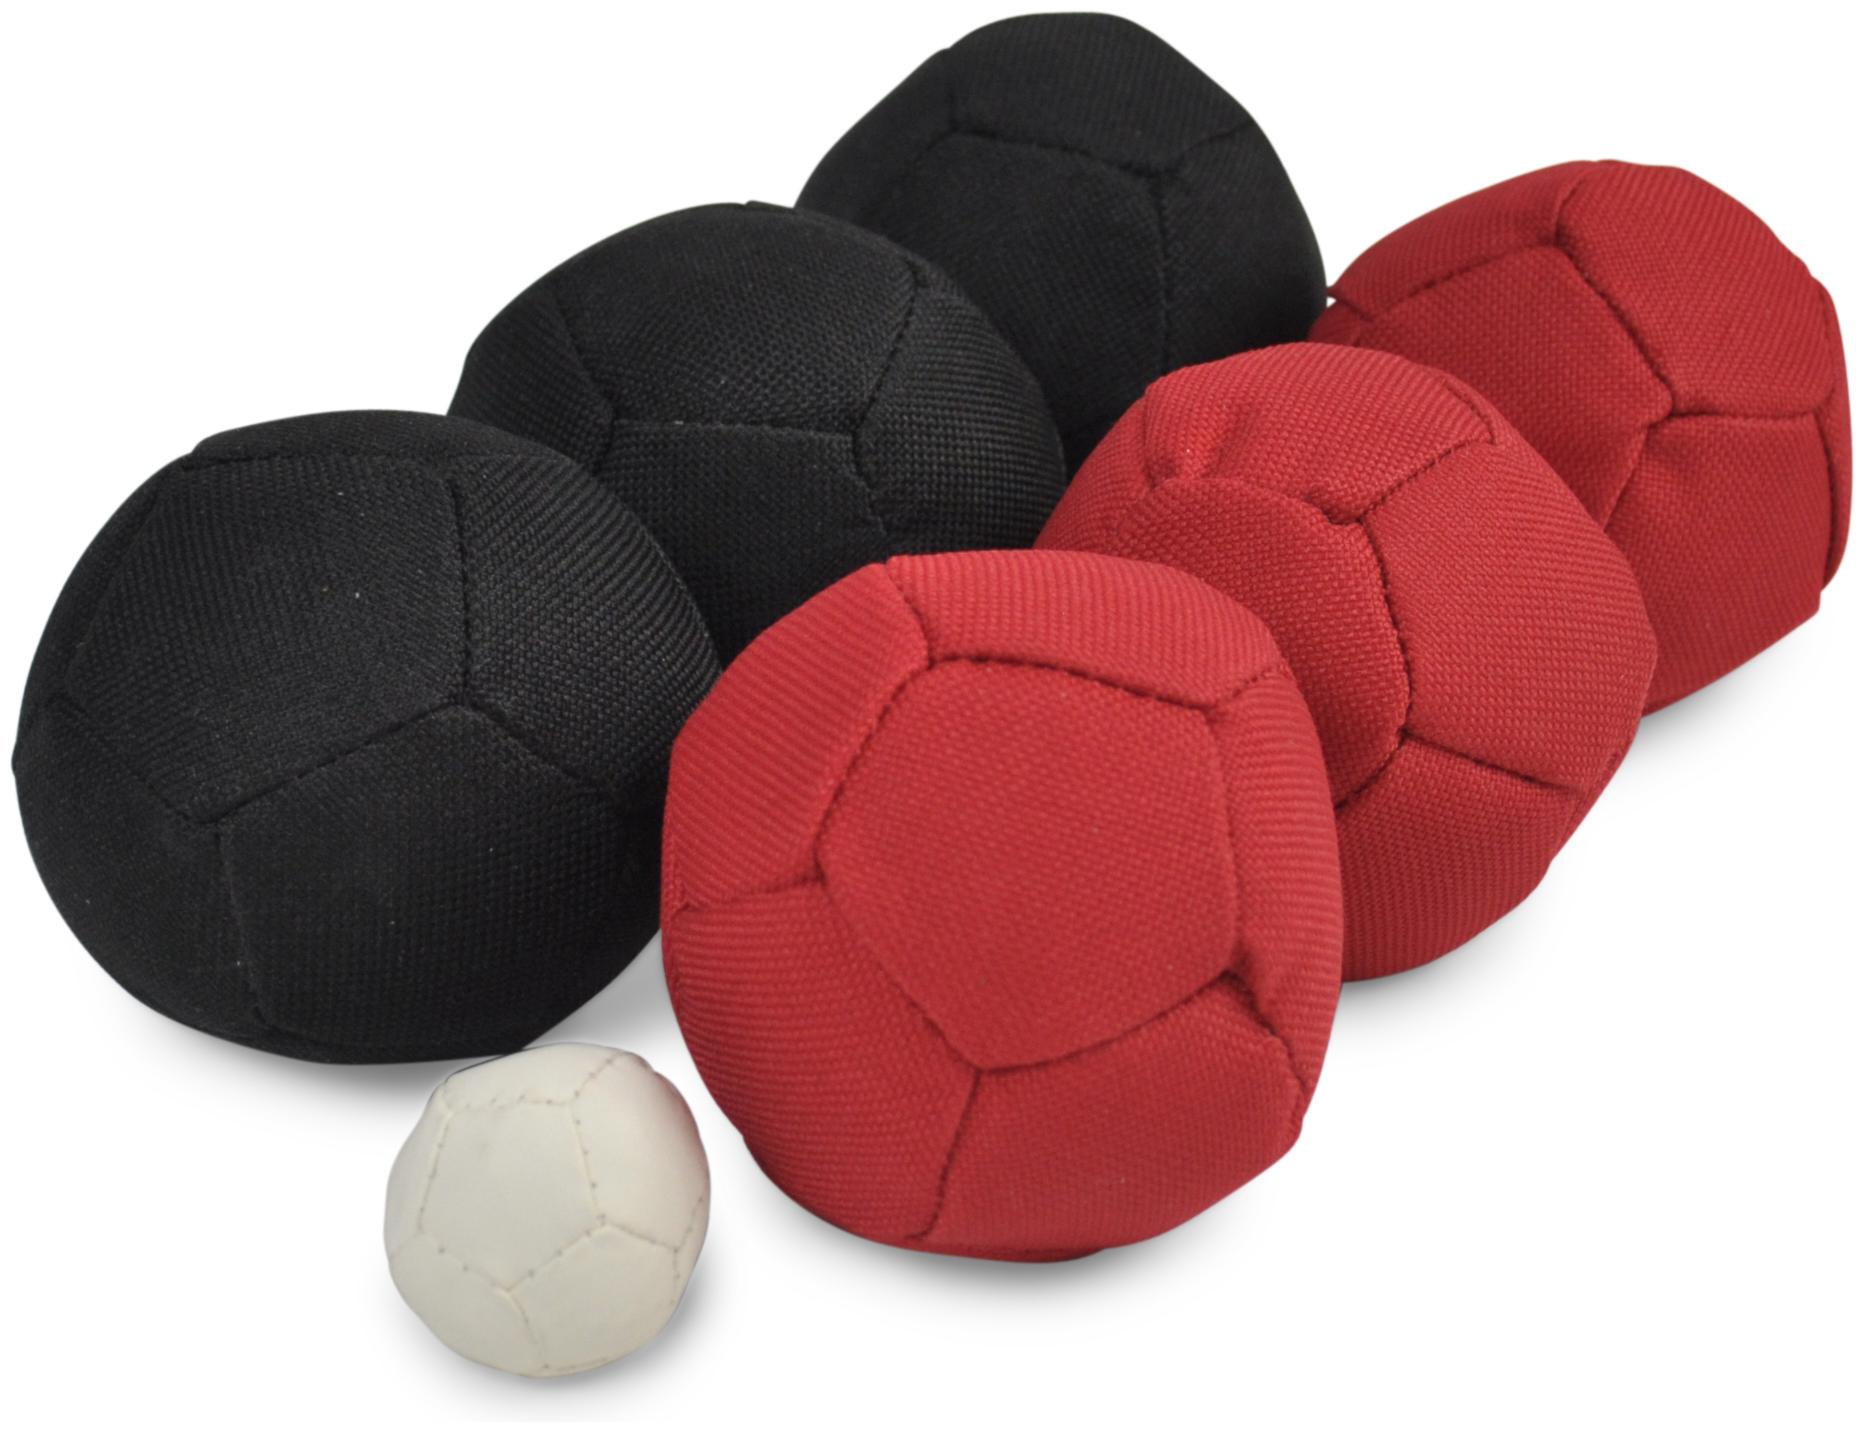 boule och frisbee licensierad produkt boule soft. Black Bedroom Furniture Sets. Home Design Ideas